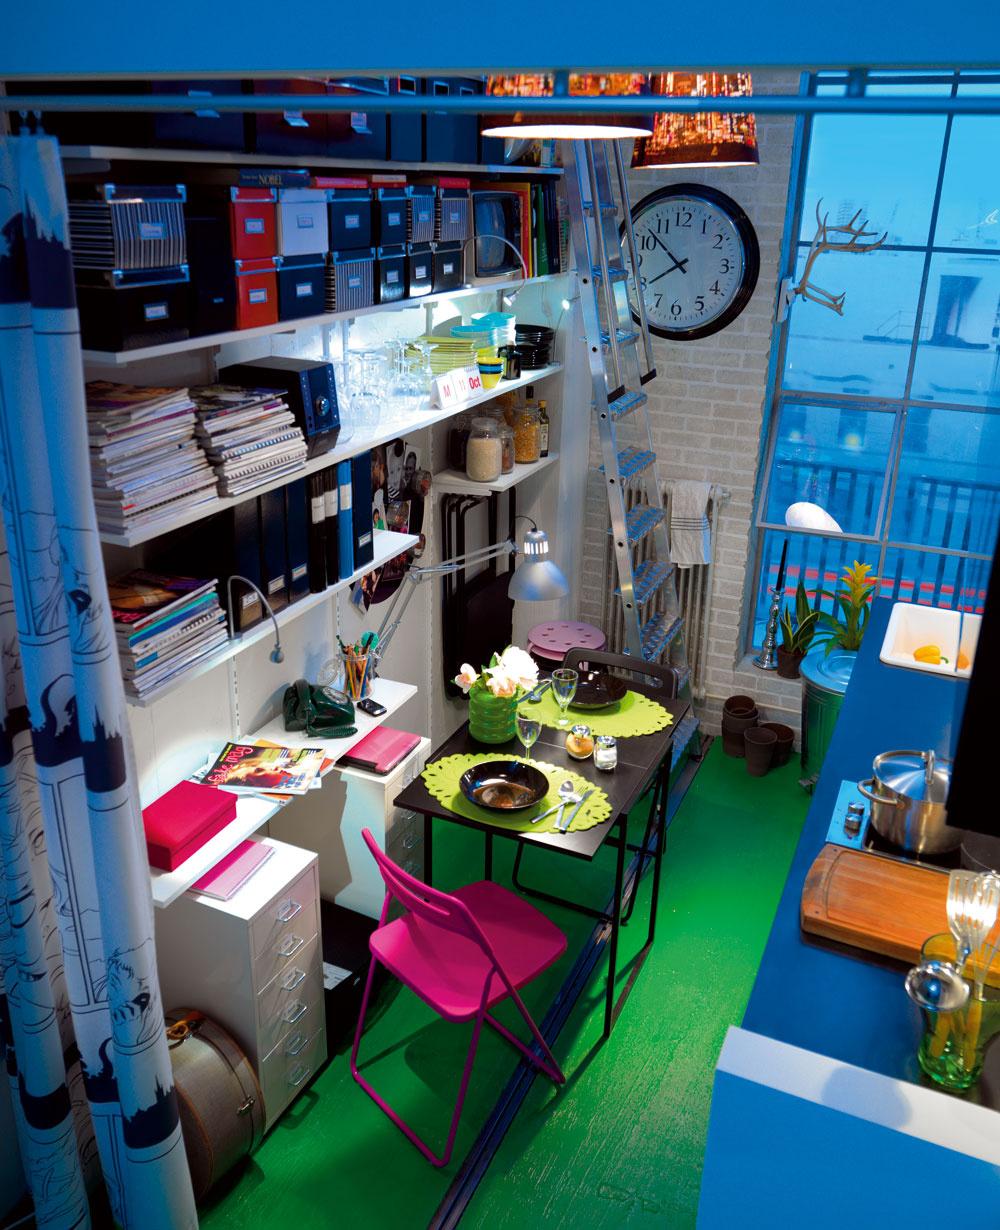 Predčasom sa znašich obydlí jedálne úplne vytratili, ale pomaly sa vracajú späť. Kult stolovania znova ožíva, takže nech už je váš príbytok akýkoľvek, či malý alebo veľký, miesto na stolovanie si niekde treba vytvoriť. Najlepšie flexibilné. (foto: IKEA)